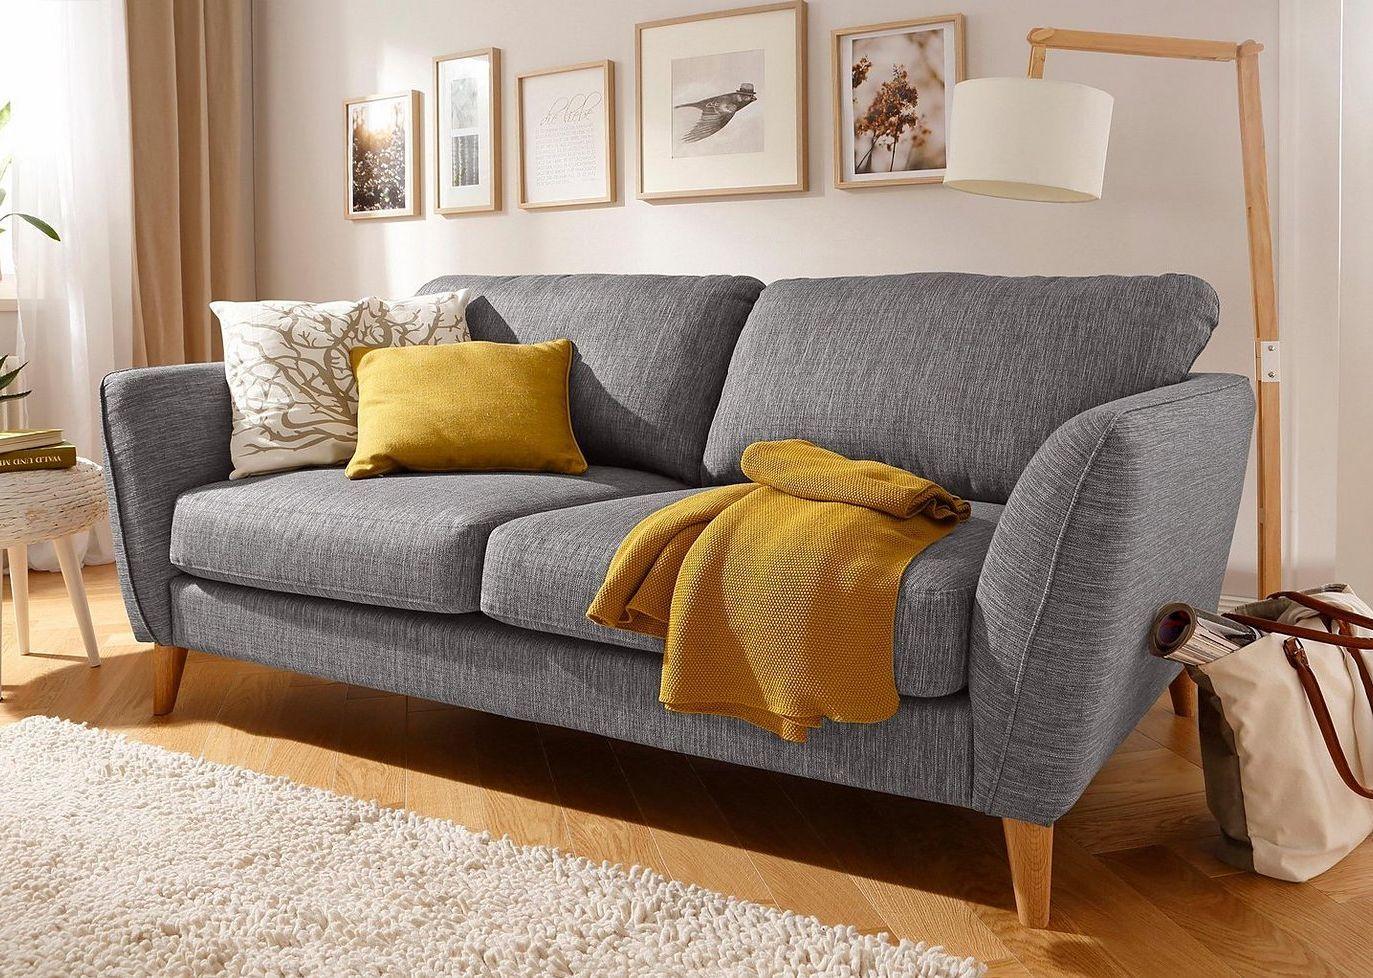 Home Affaire 3 Sitzer Marseille In Skandinavischem Stil In 3 Bezugsqualitaten Mit Holz Beinen Sofas Fur Kleine Raume 3 Sitzer Sofa Kleine Couch